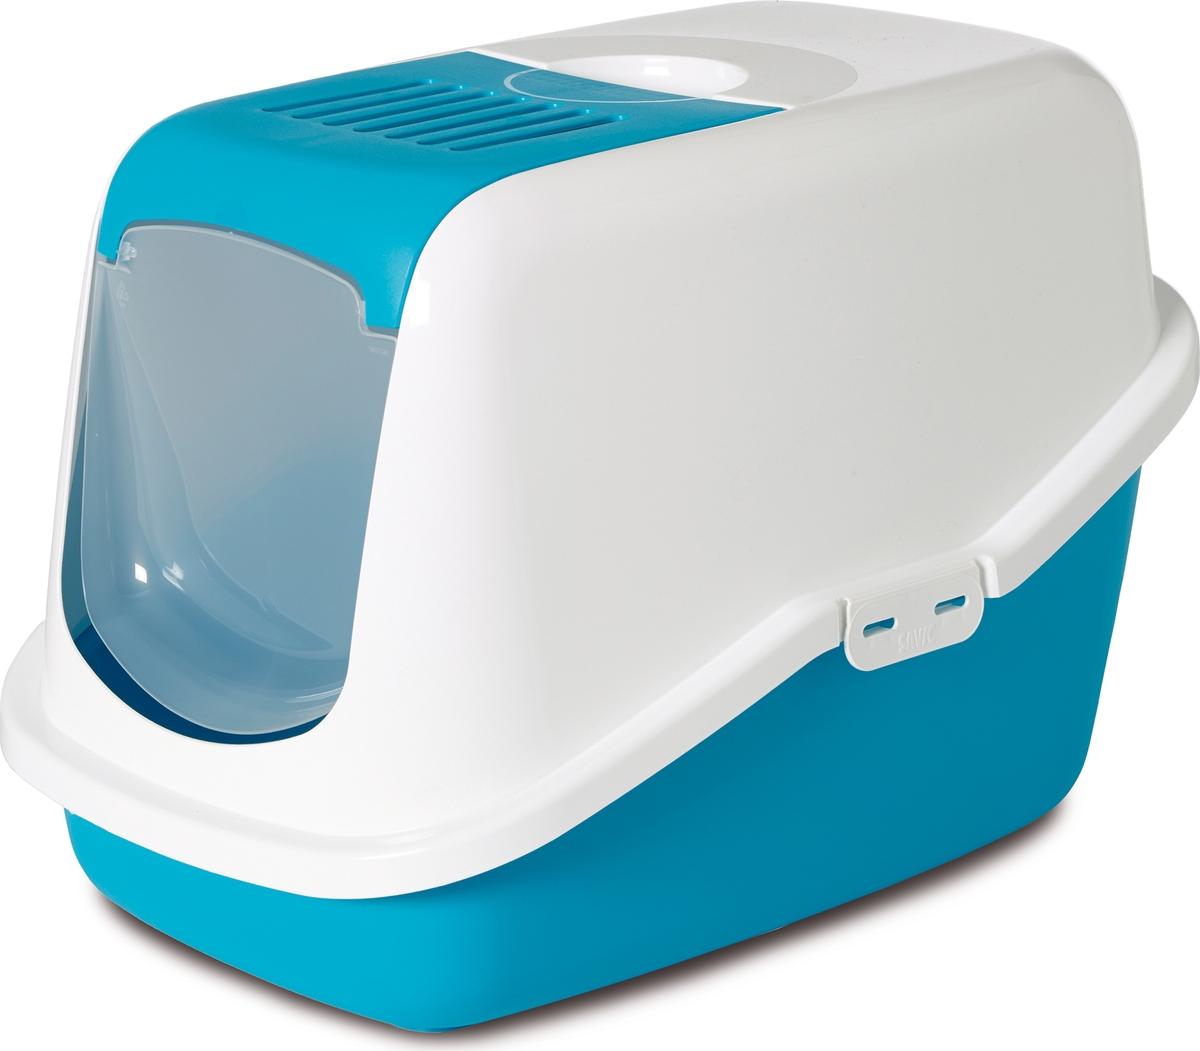 Туалет для кошек Savic Nestor, цвет: белый, синий, 56 х 39 х 38,5 см туалет для кошек curver pet life закрытый цвет кремово коричневый 51 х 39 х 40 см